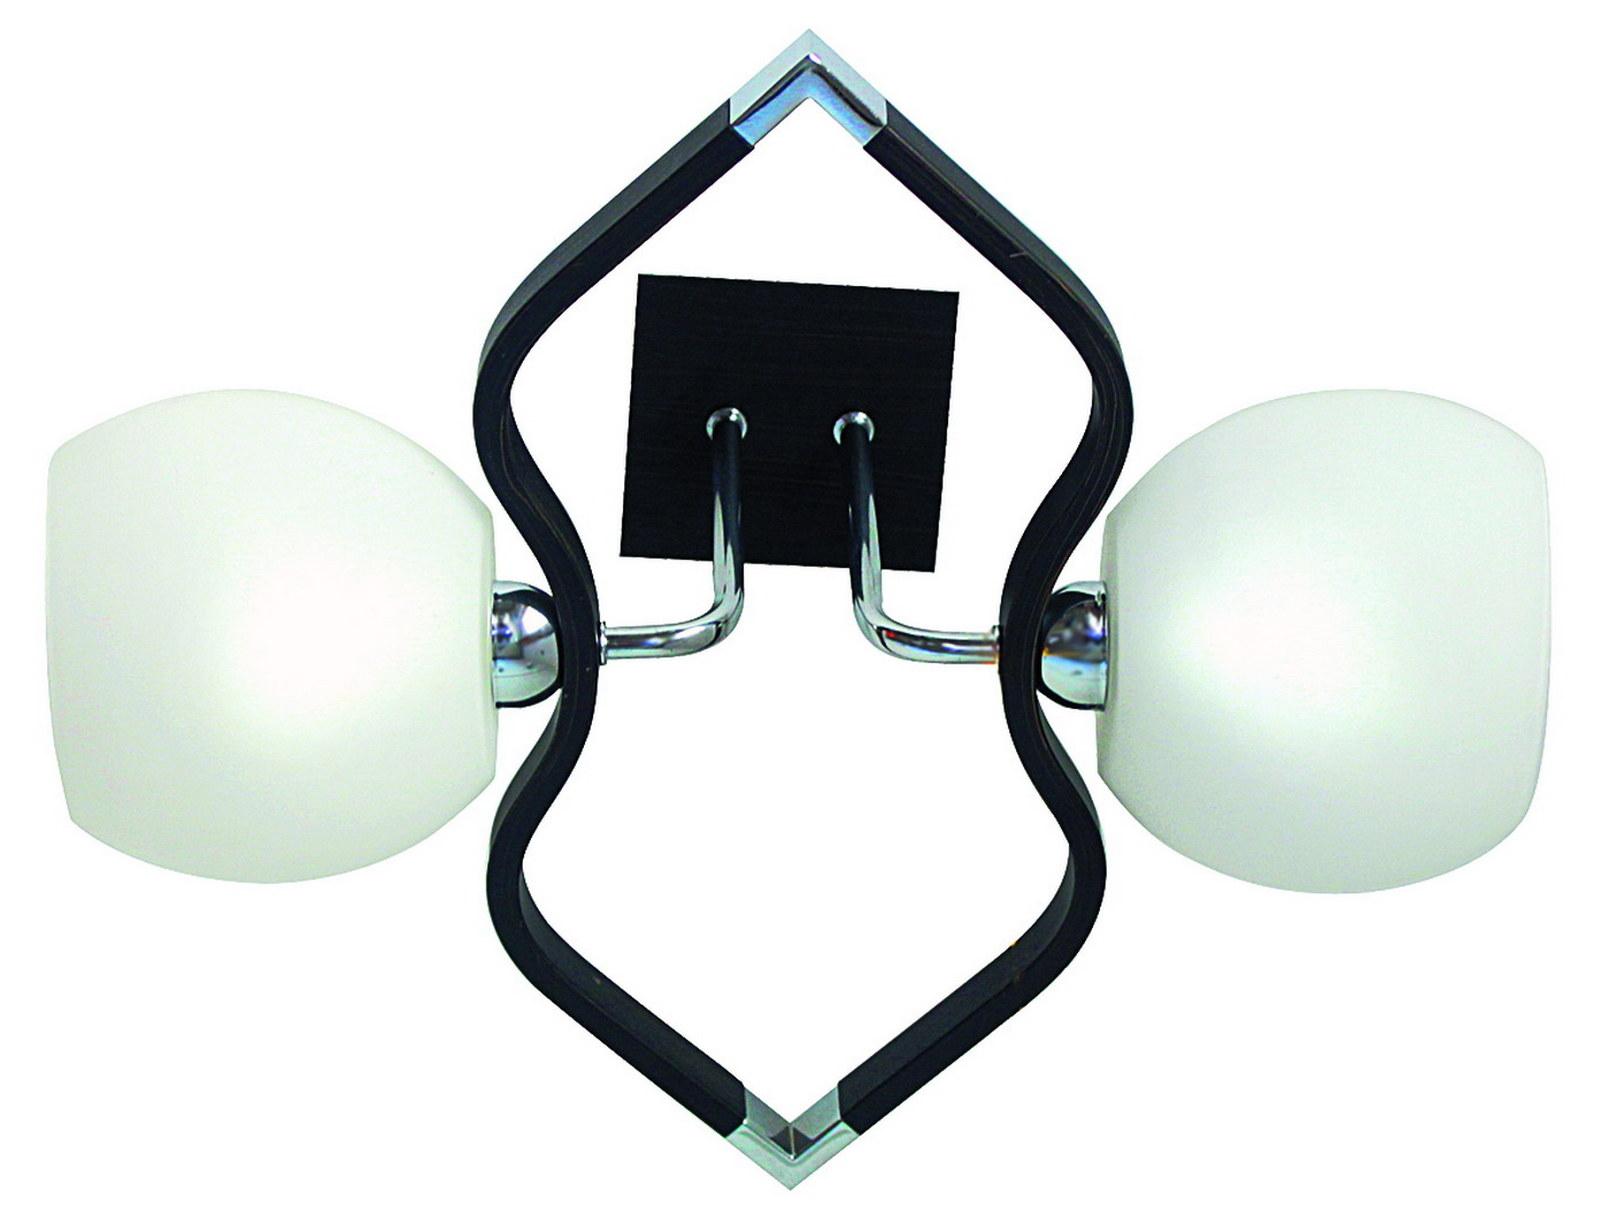 Люстра МАКСИСВЕТЛюстры<br>Назначение светильника: для гостиной,<br>Стиль светильника: модерн,<br>Тип: потолочная,<br>Материал светильника: металл, дерево, стекло,<br>Материал плафона: стекло,<br>Материал арматуры: металл,<br>Длина (мм): 390,<br>Ширина: 370,<br>Высота: 190,<br>Количество ламп: 2,<br>Тип лампы: накаливания,<br>Мощность: 40,<br>Патрон: Е14,<br>Пульт ДУ: нет,<br>Цвет арматуры: хром<br>